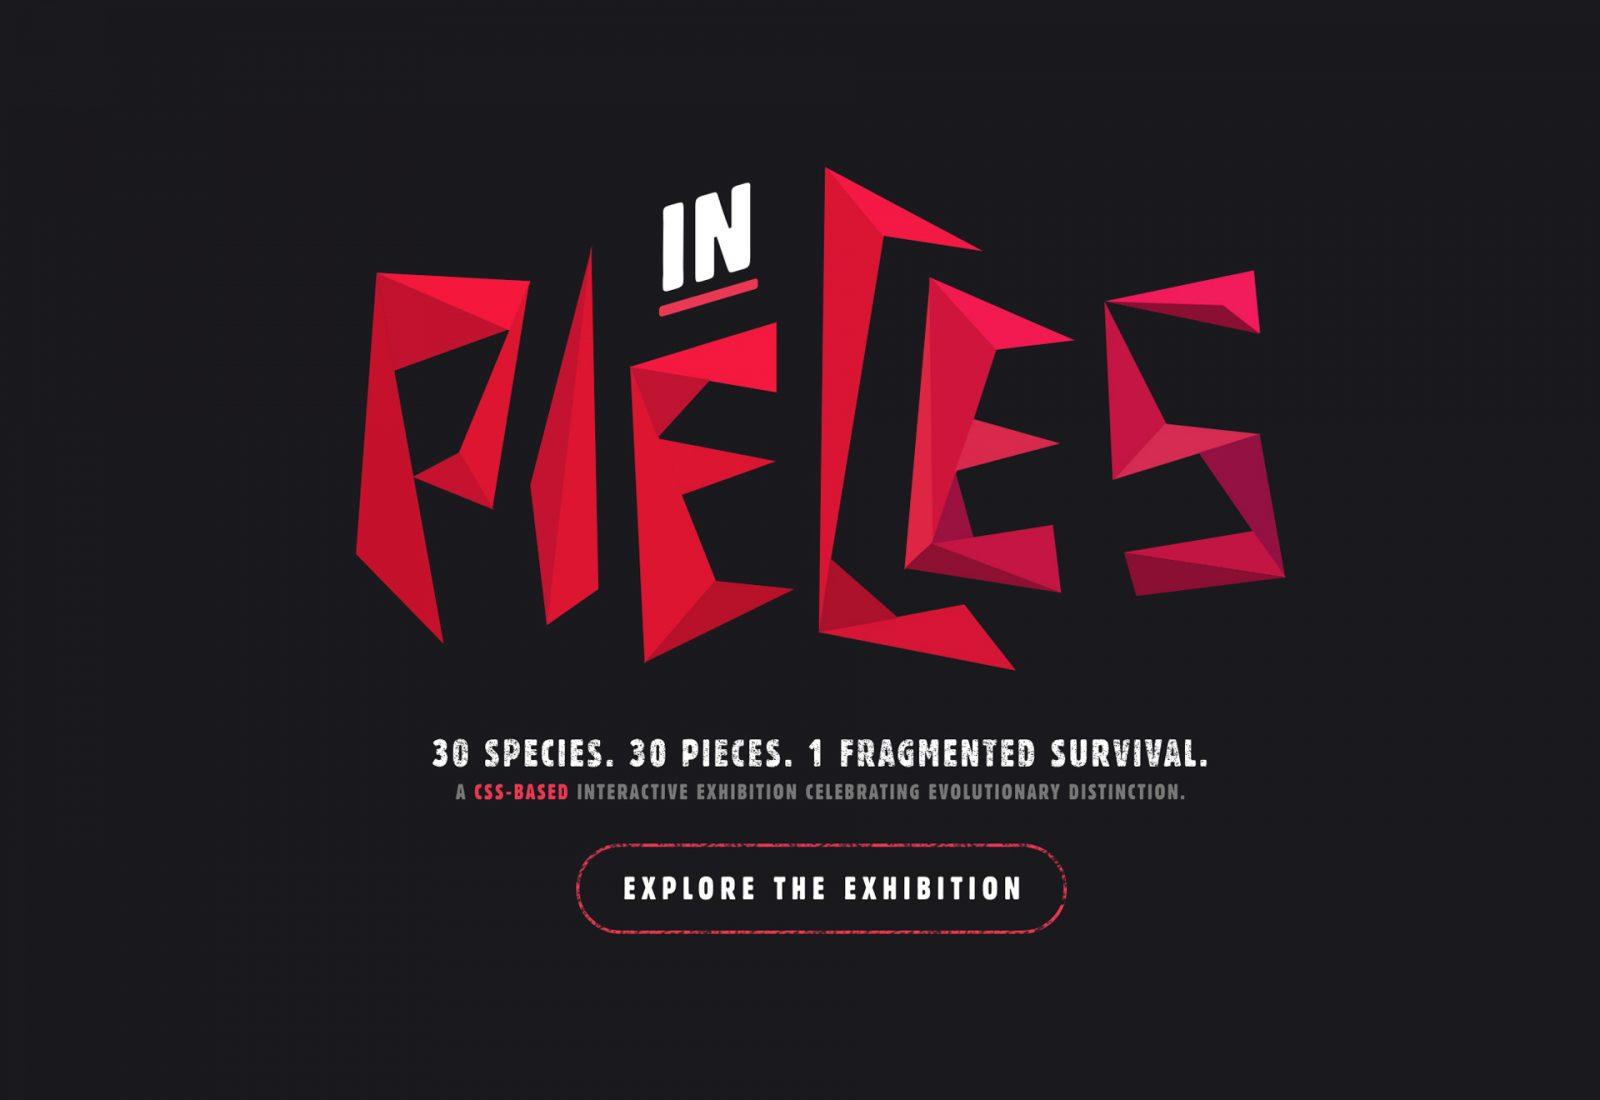 Species In Pieces